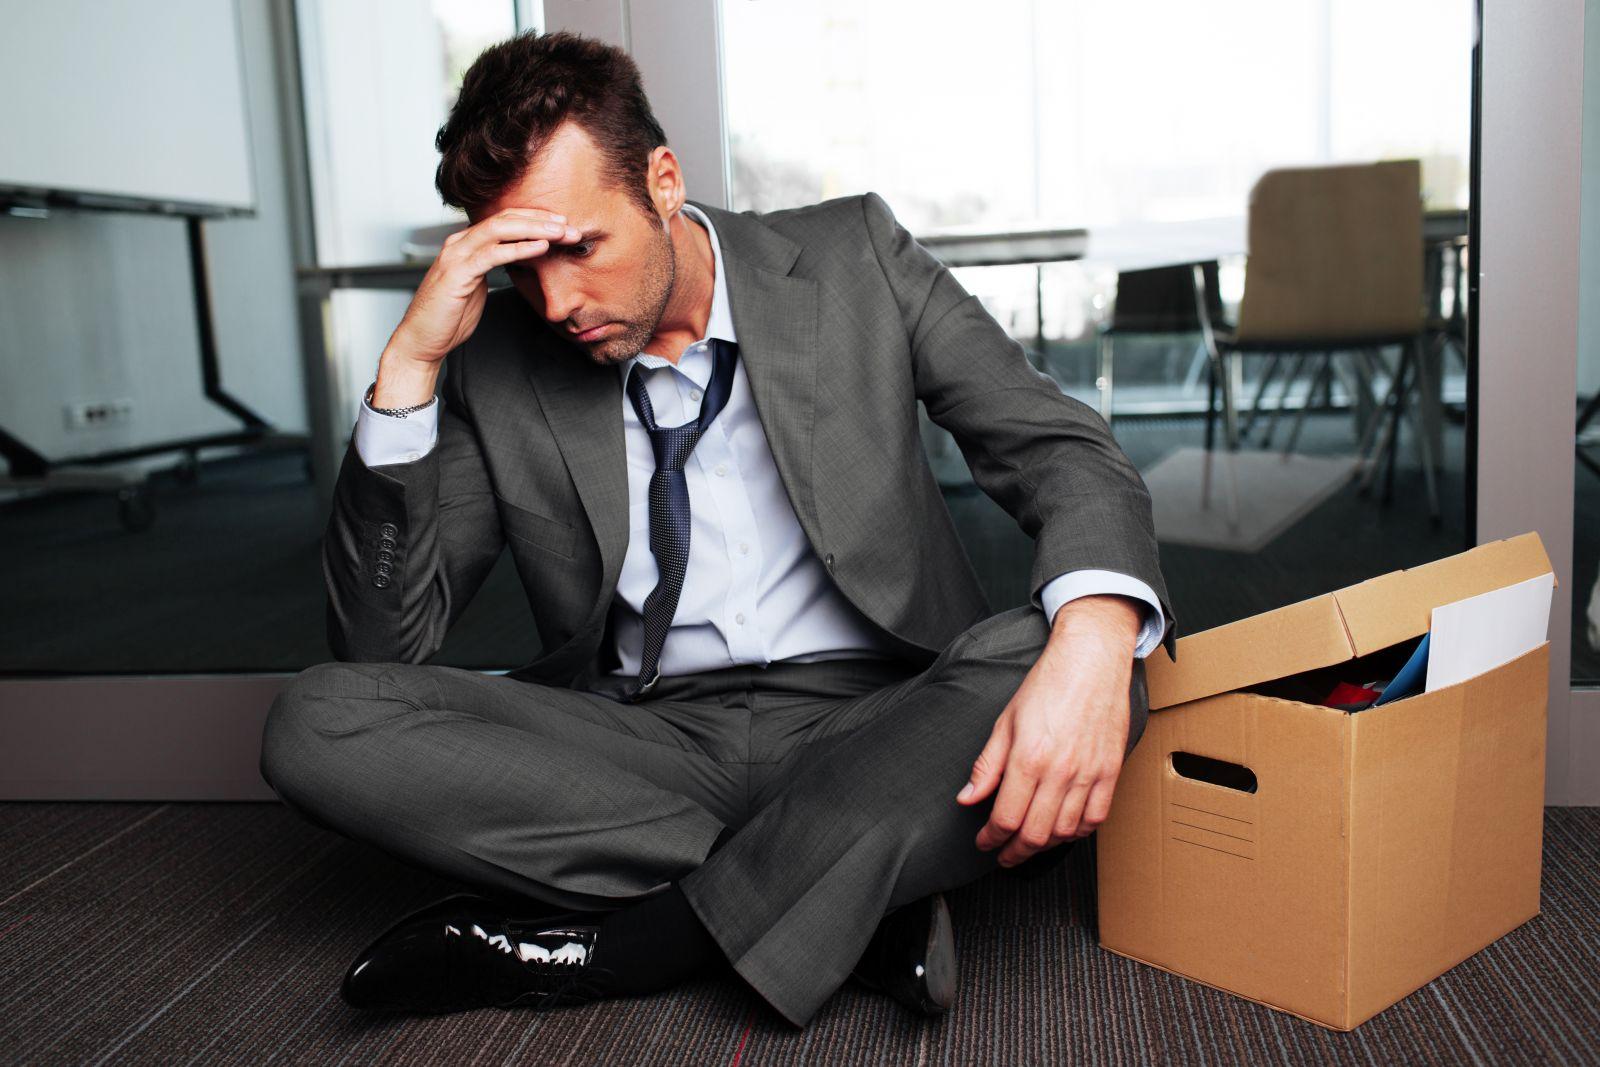 Сонник увольнение с работы к чему снится увольнение с работы во сне